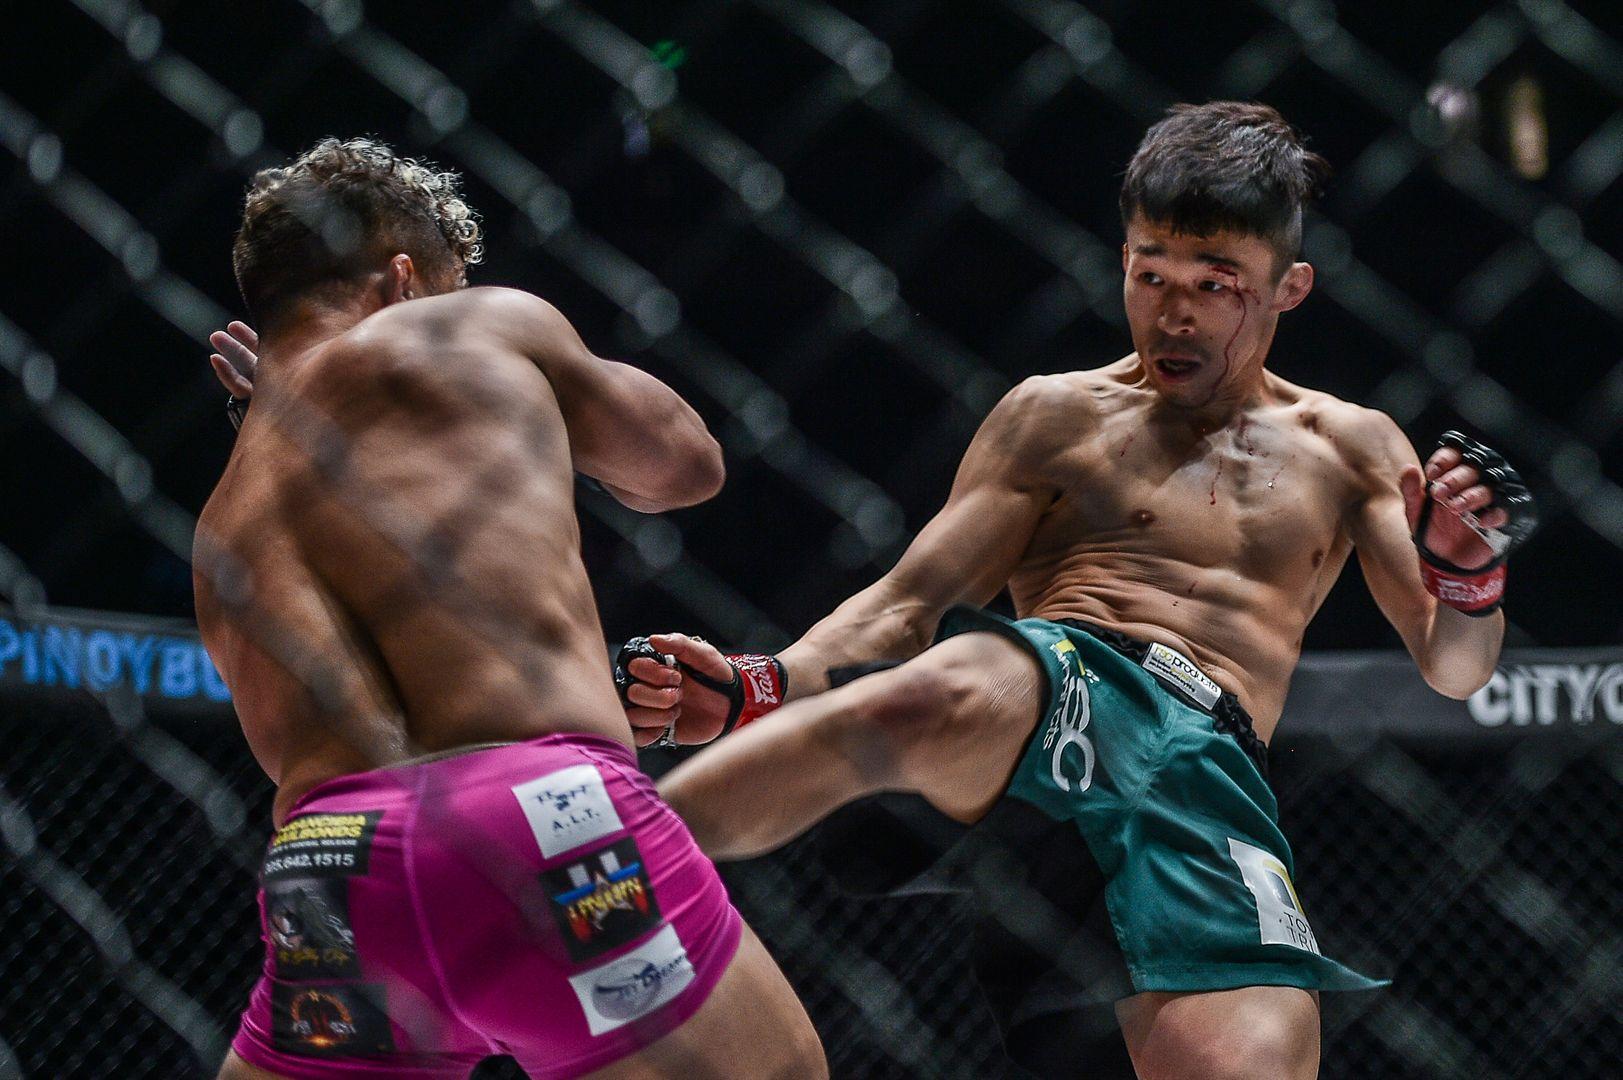 Japanese martial artist Tatsumitsu Wada